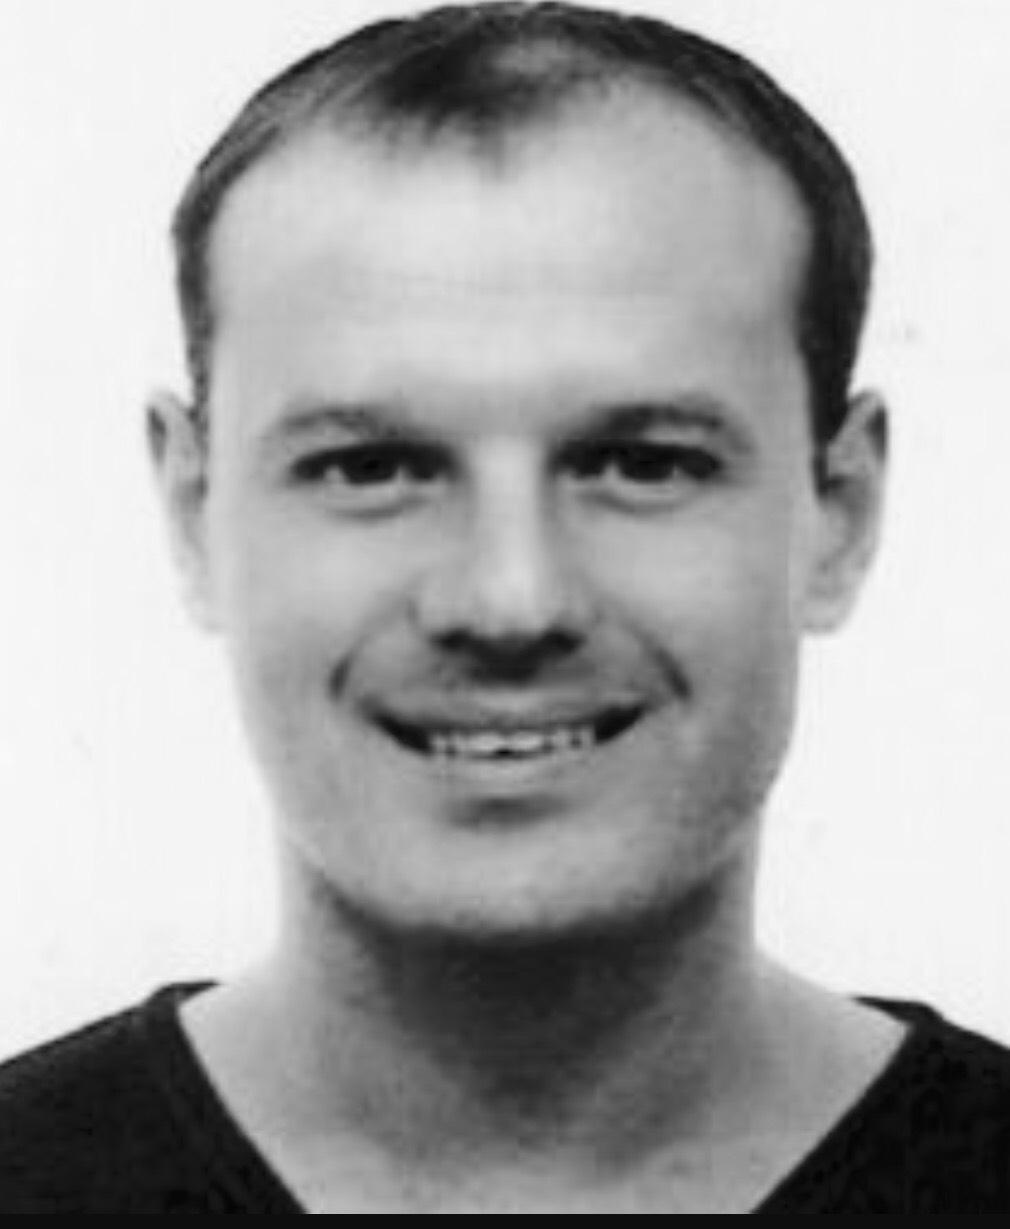 Ian Duffiew